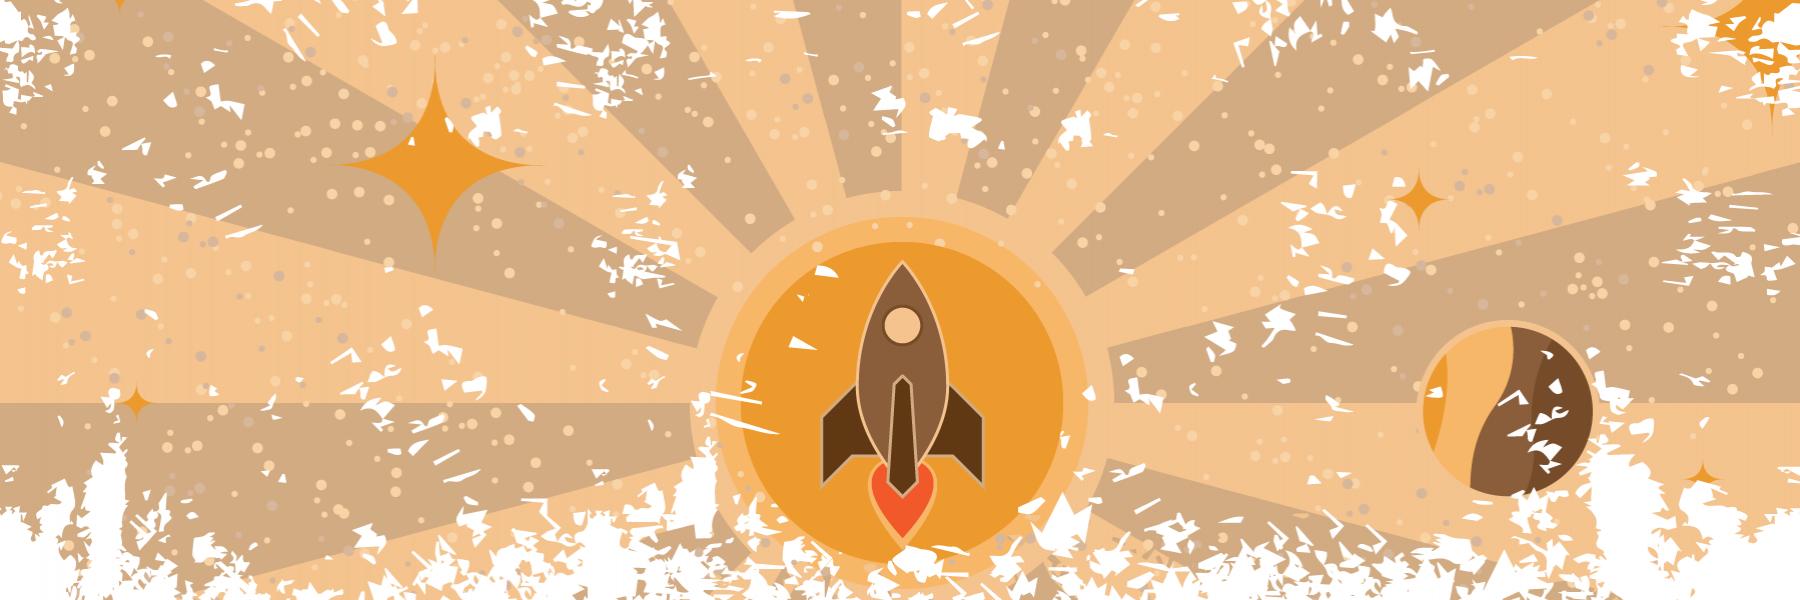 Header Image for EvenVision Blog Post - Website Speed